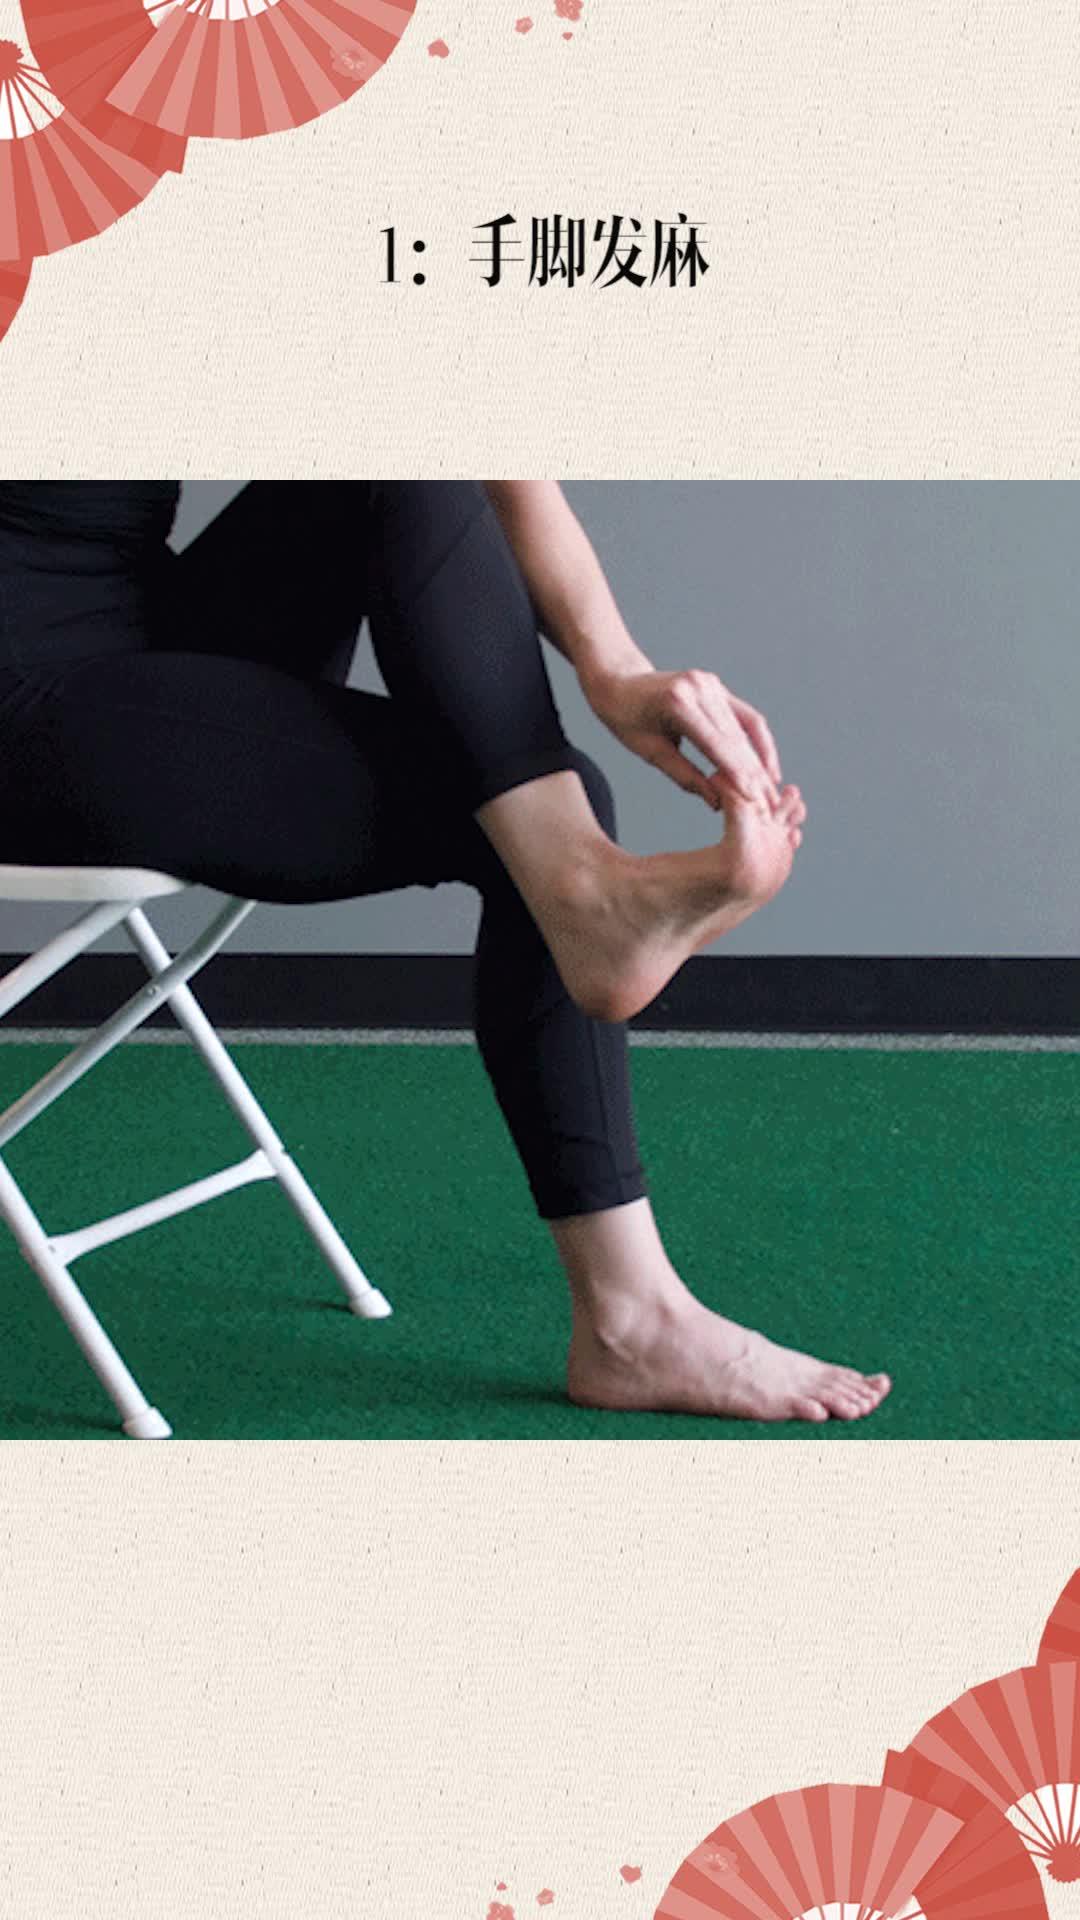 手脚有3种表现,是血管变堵了